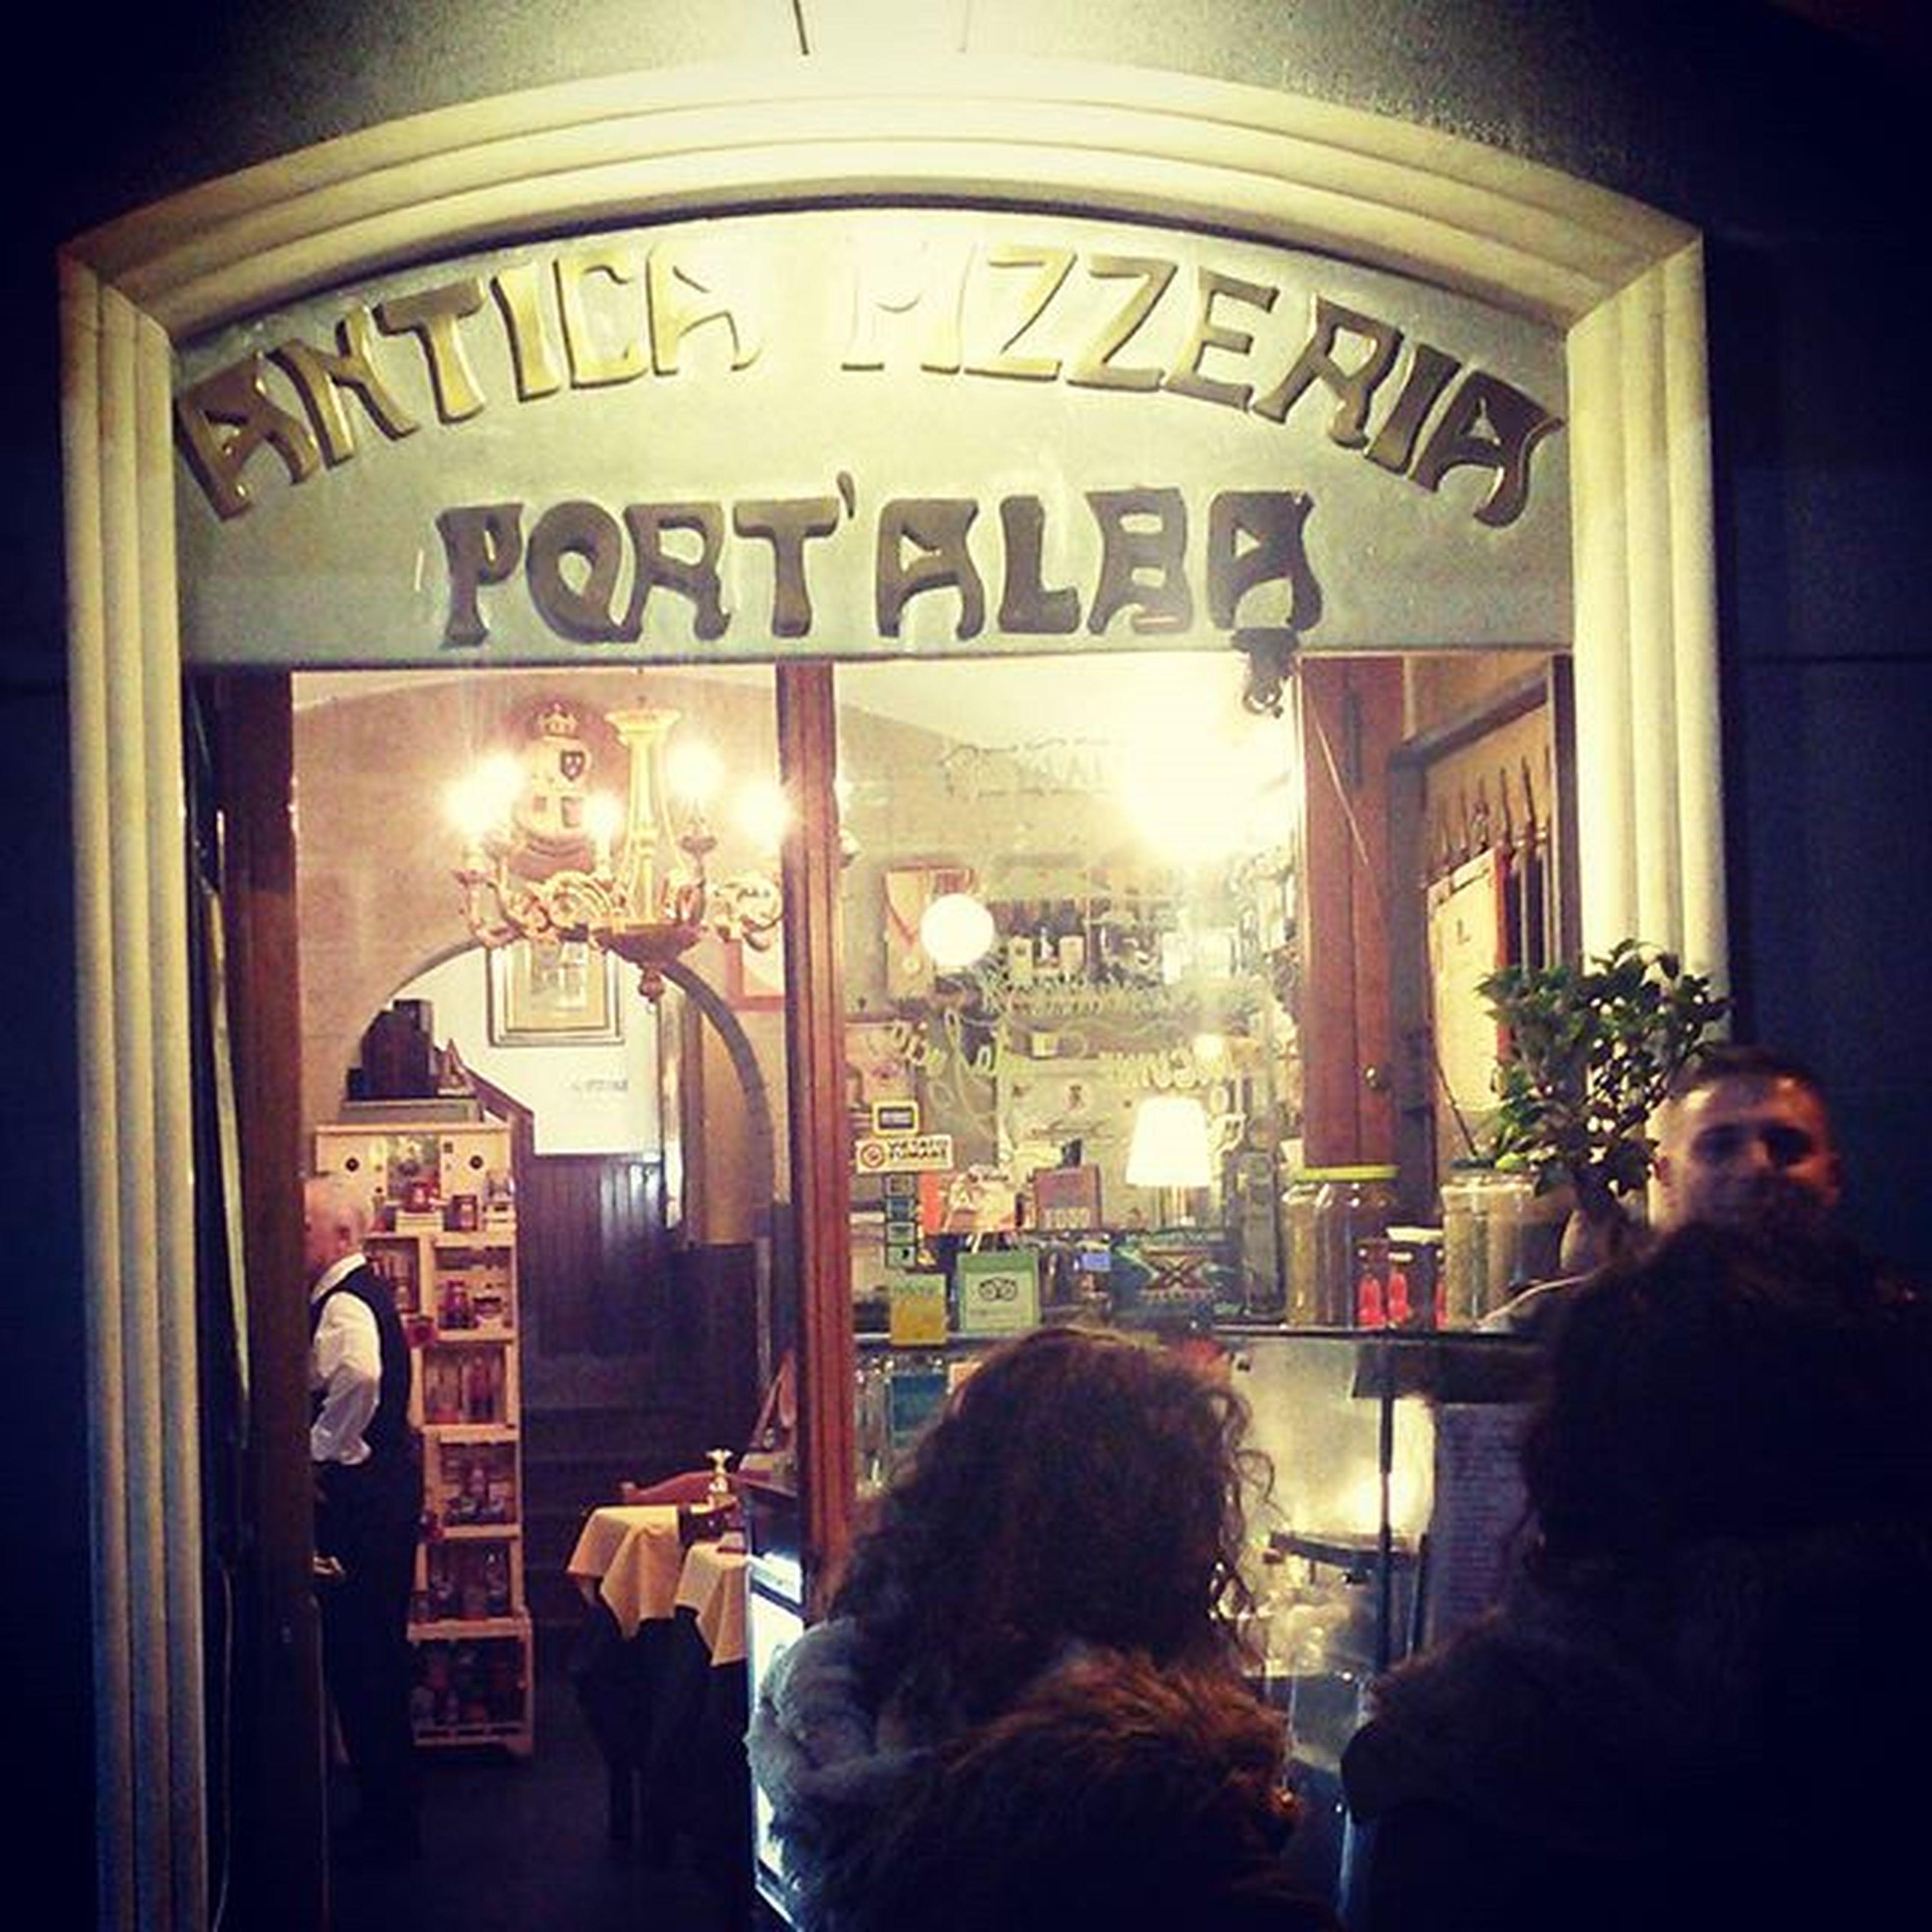 Pizza Napoli Portalba Centrostorico pizze straordinarie un menù originale, tipico e importante. Camerieri molto professionali e grandi napoletani. Selezione e scelta di pizze di alta qualità !